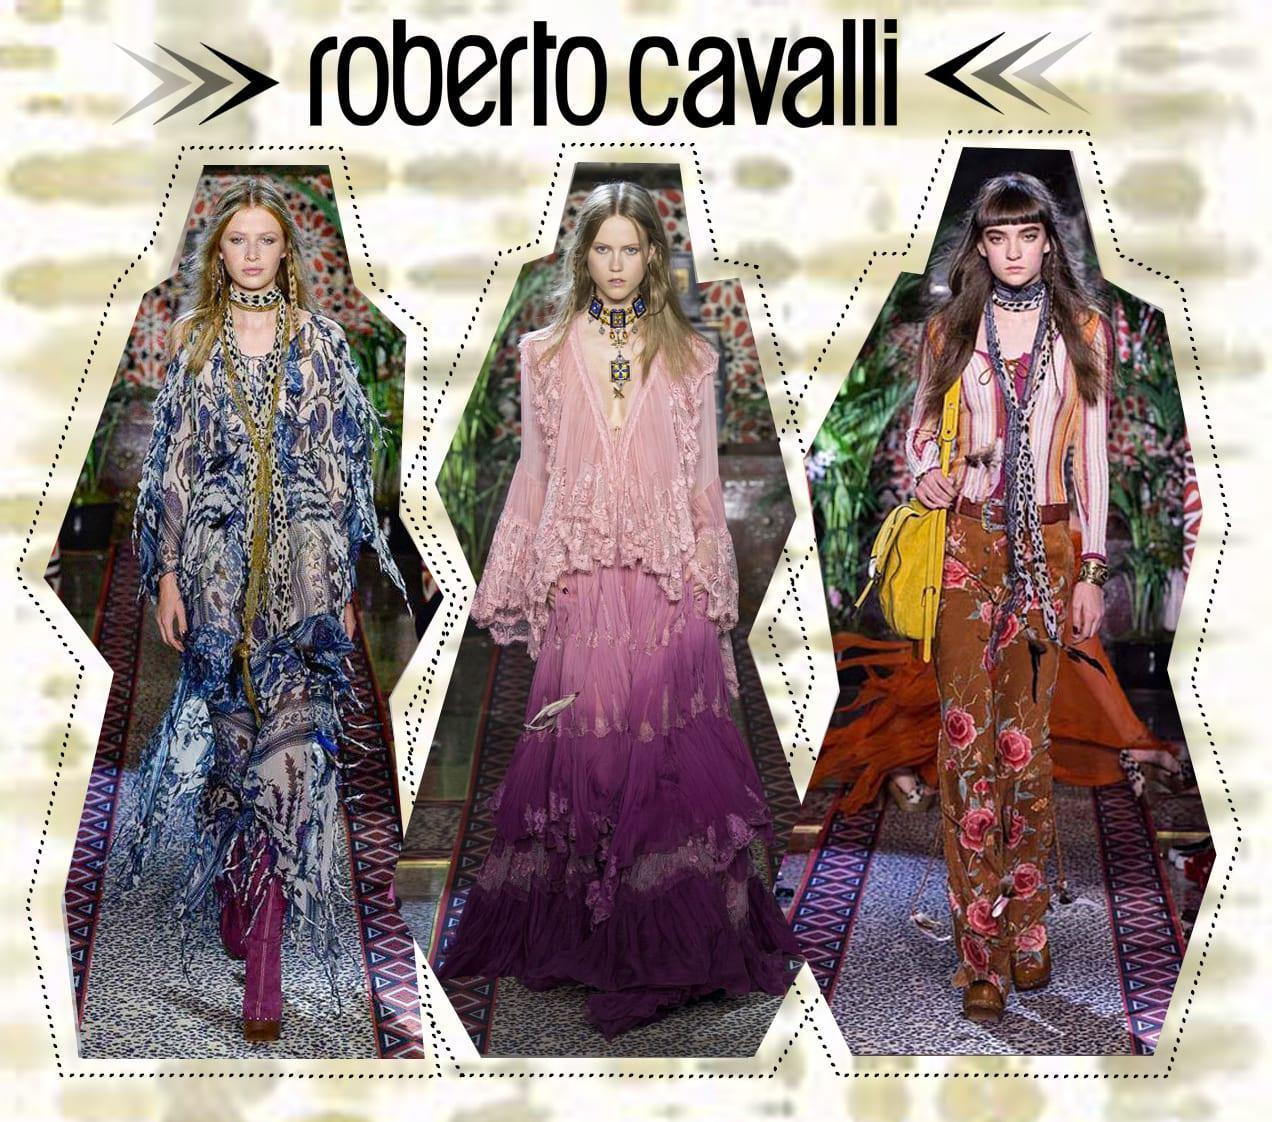 Robeto Cavalli